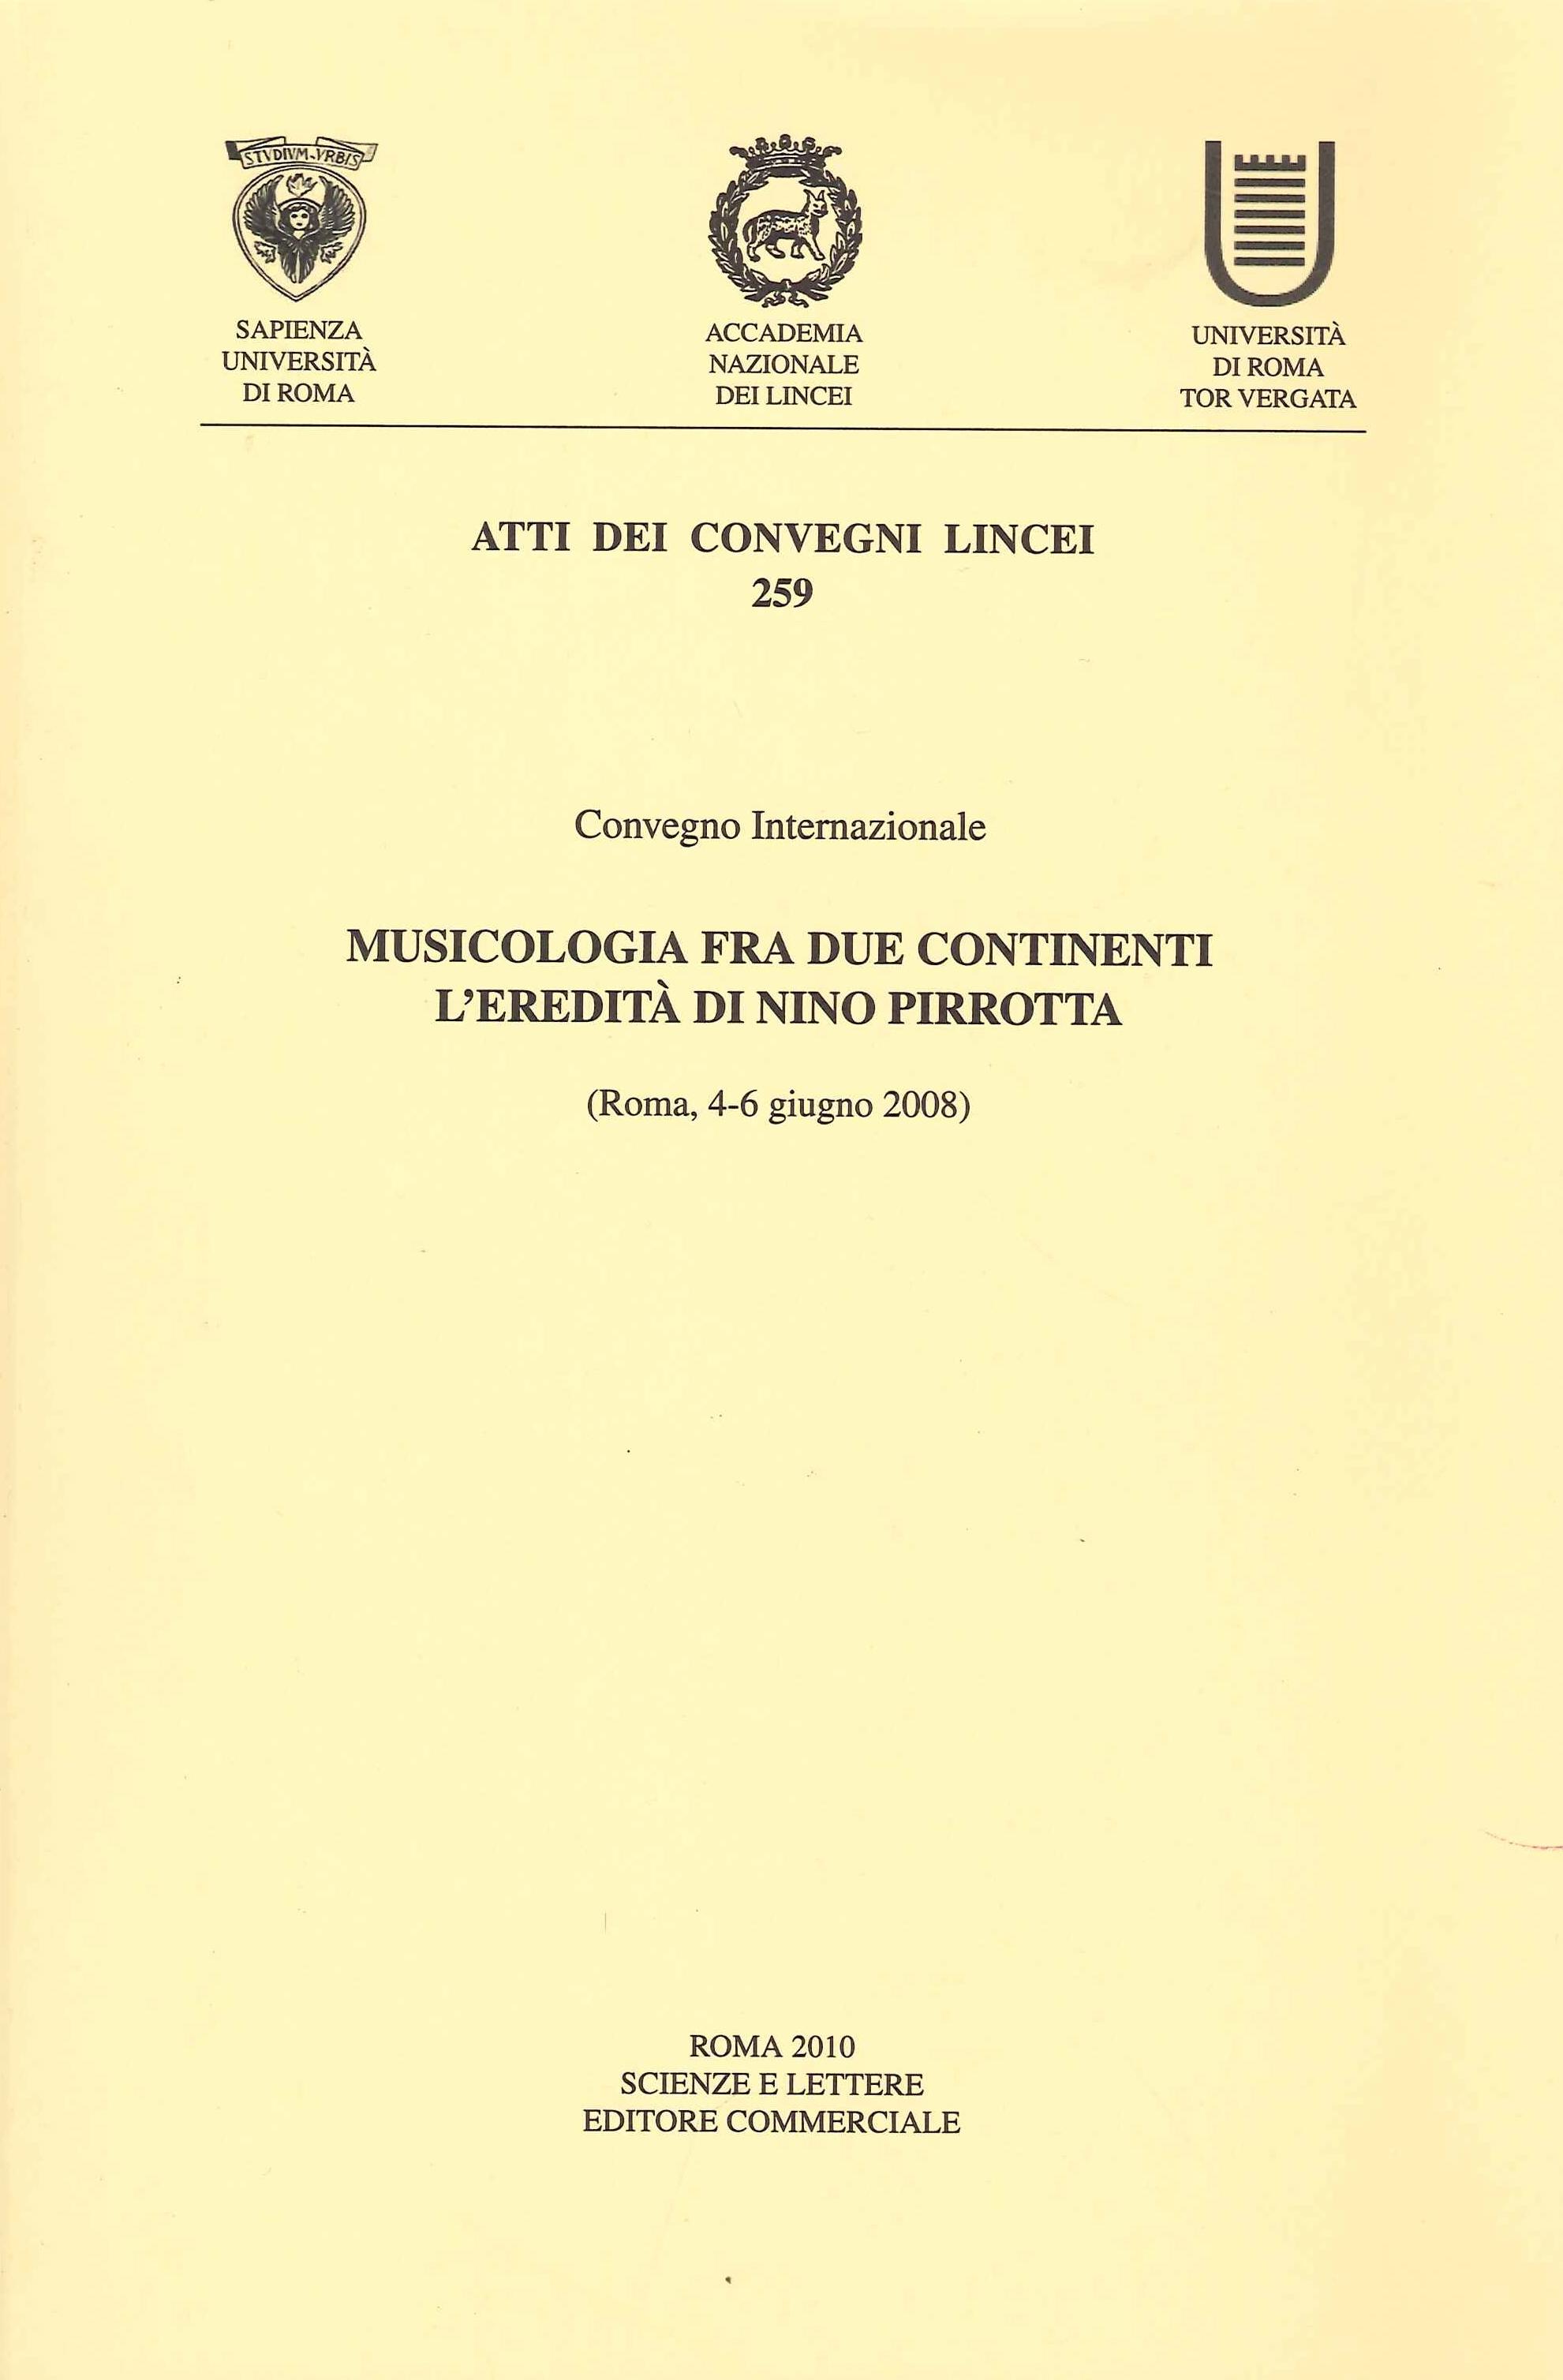 Musicologia fra due continenti. L'eredità di nino pirrotta. (Roma, 4-6 giugno 2008)